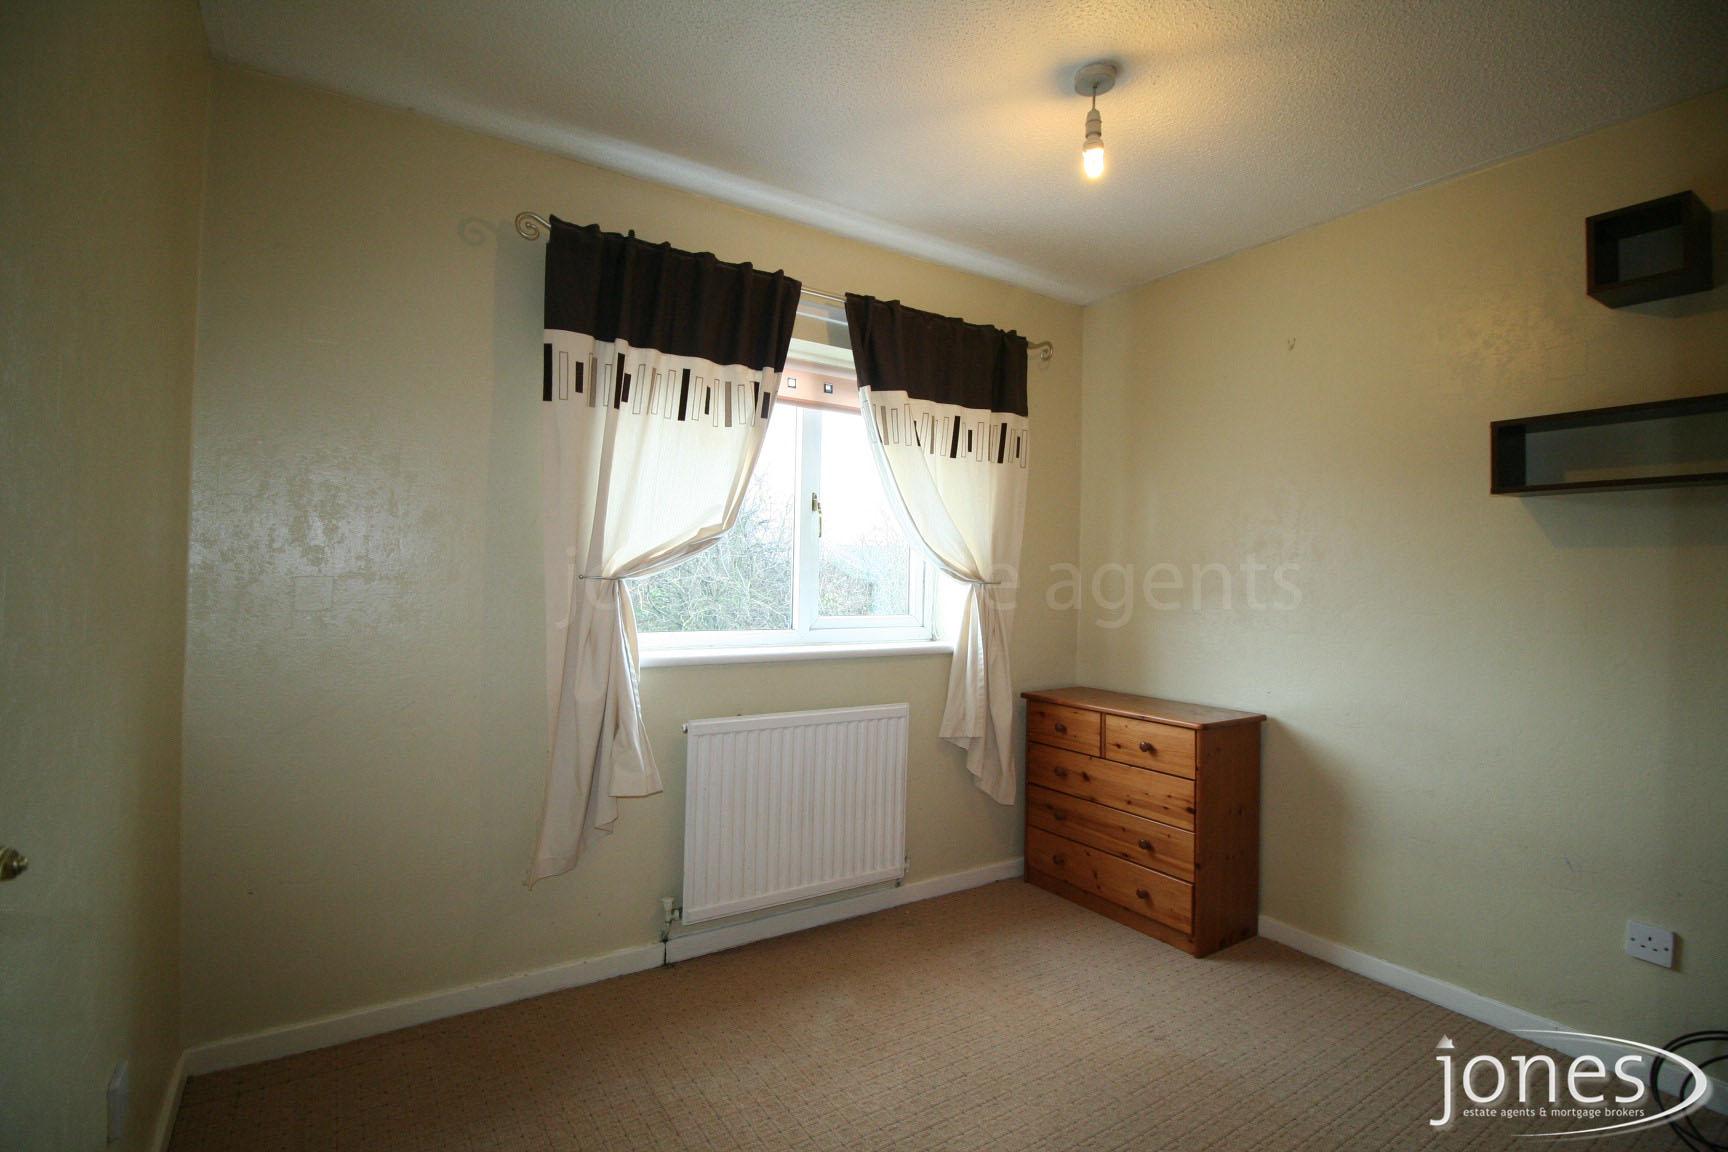 Home for Sale Let - Photo 07 Millington Close, Billingham, TS23 3FD